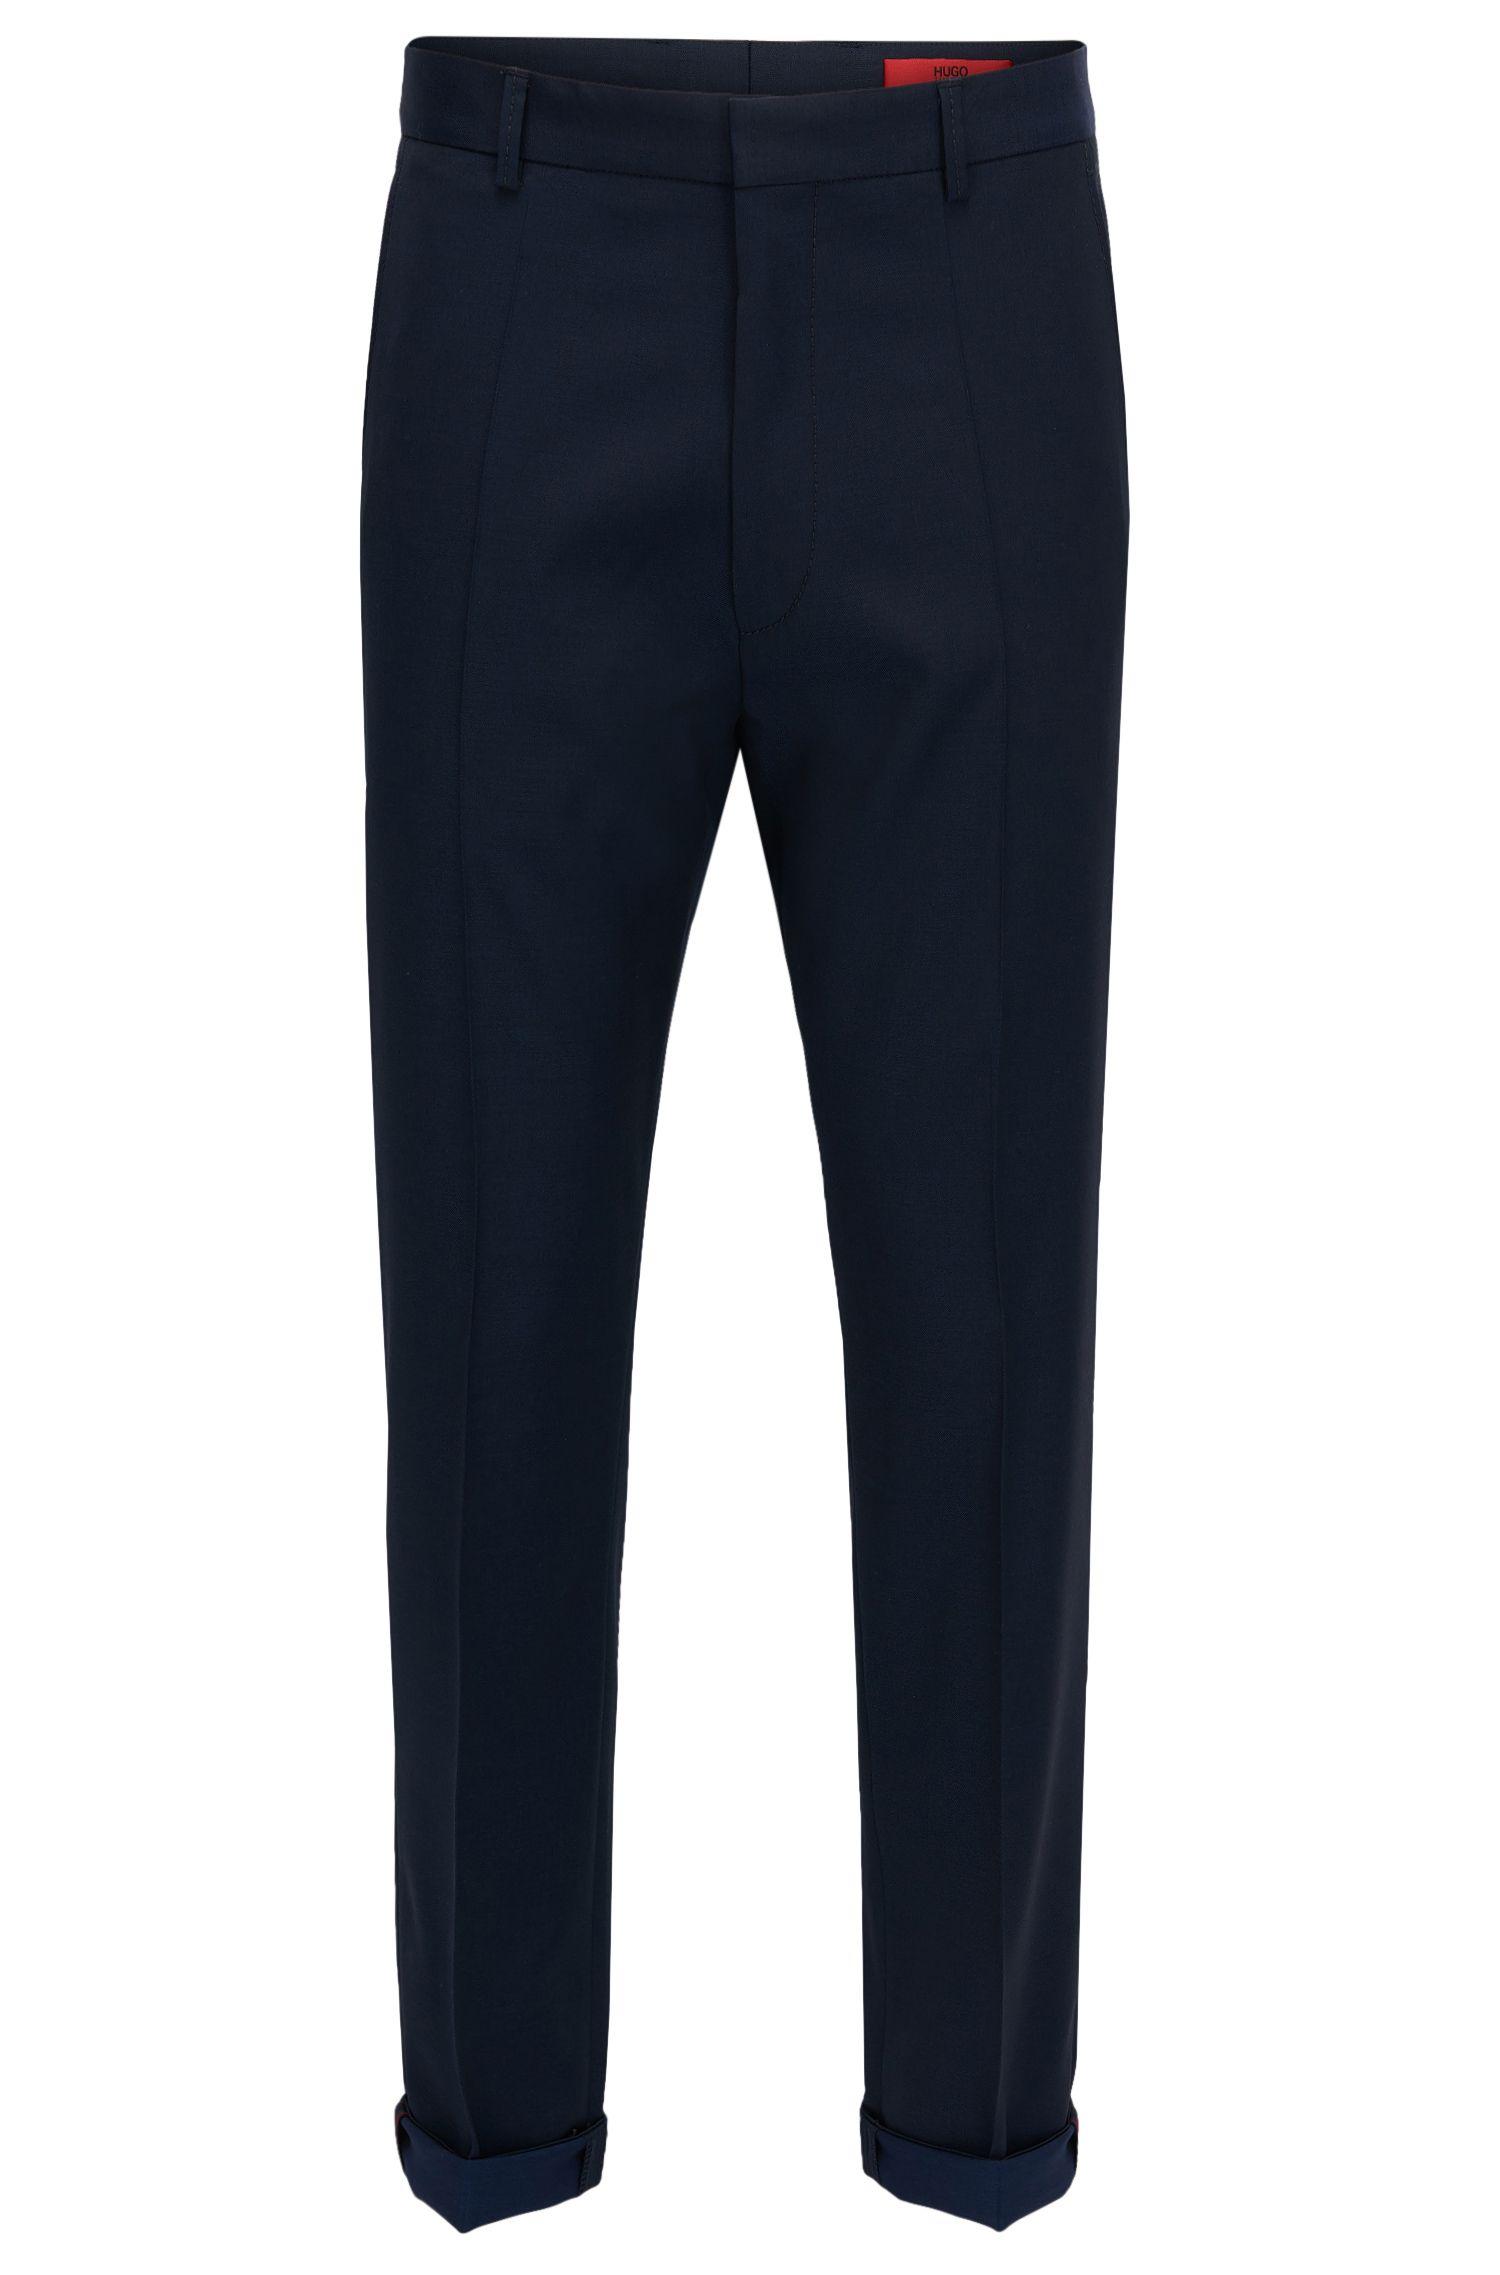 Virgin Wool Dress Pant, Extra Slim Fit | Hendris, Dark Blue